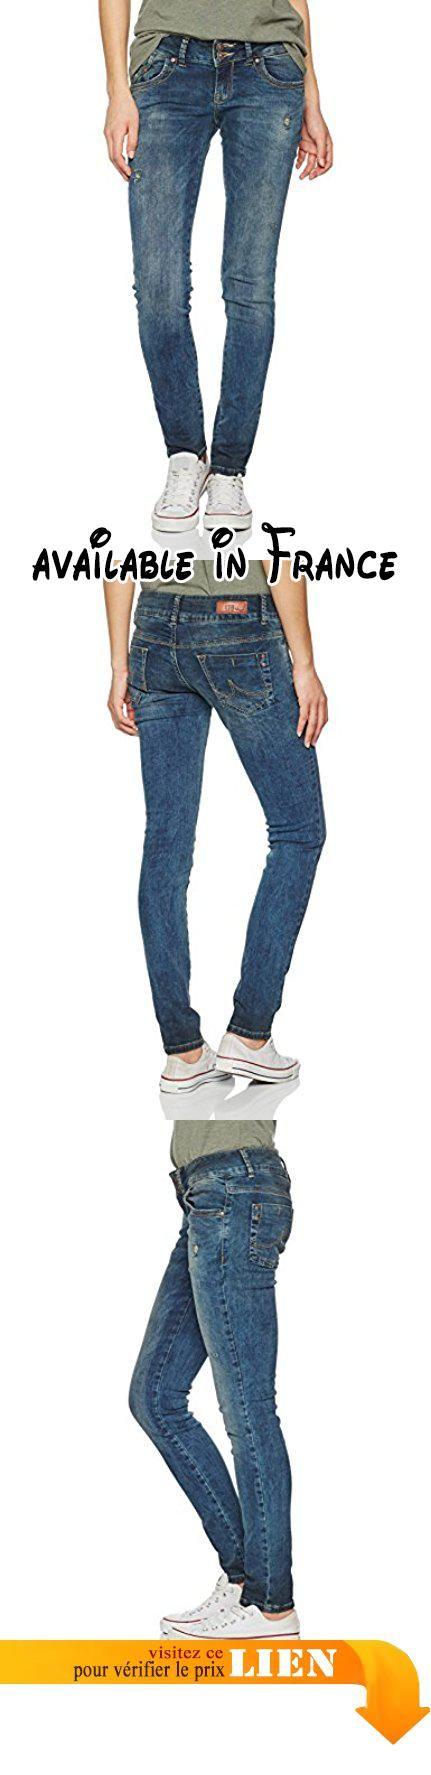 LTB Jeans Molly, Jean Coupe Ajustée Femme, Blau (Blau (Playa Wash 51081) 51081), 32 W/36 L. Effet déchiré.. Fermeture Éclair courte.. 5 poches.. Coupe ajustée. #Apparel #PANTS